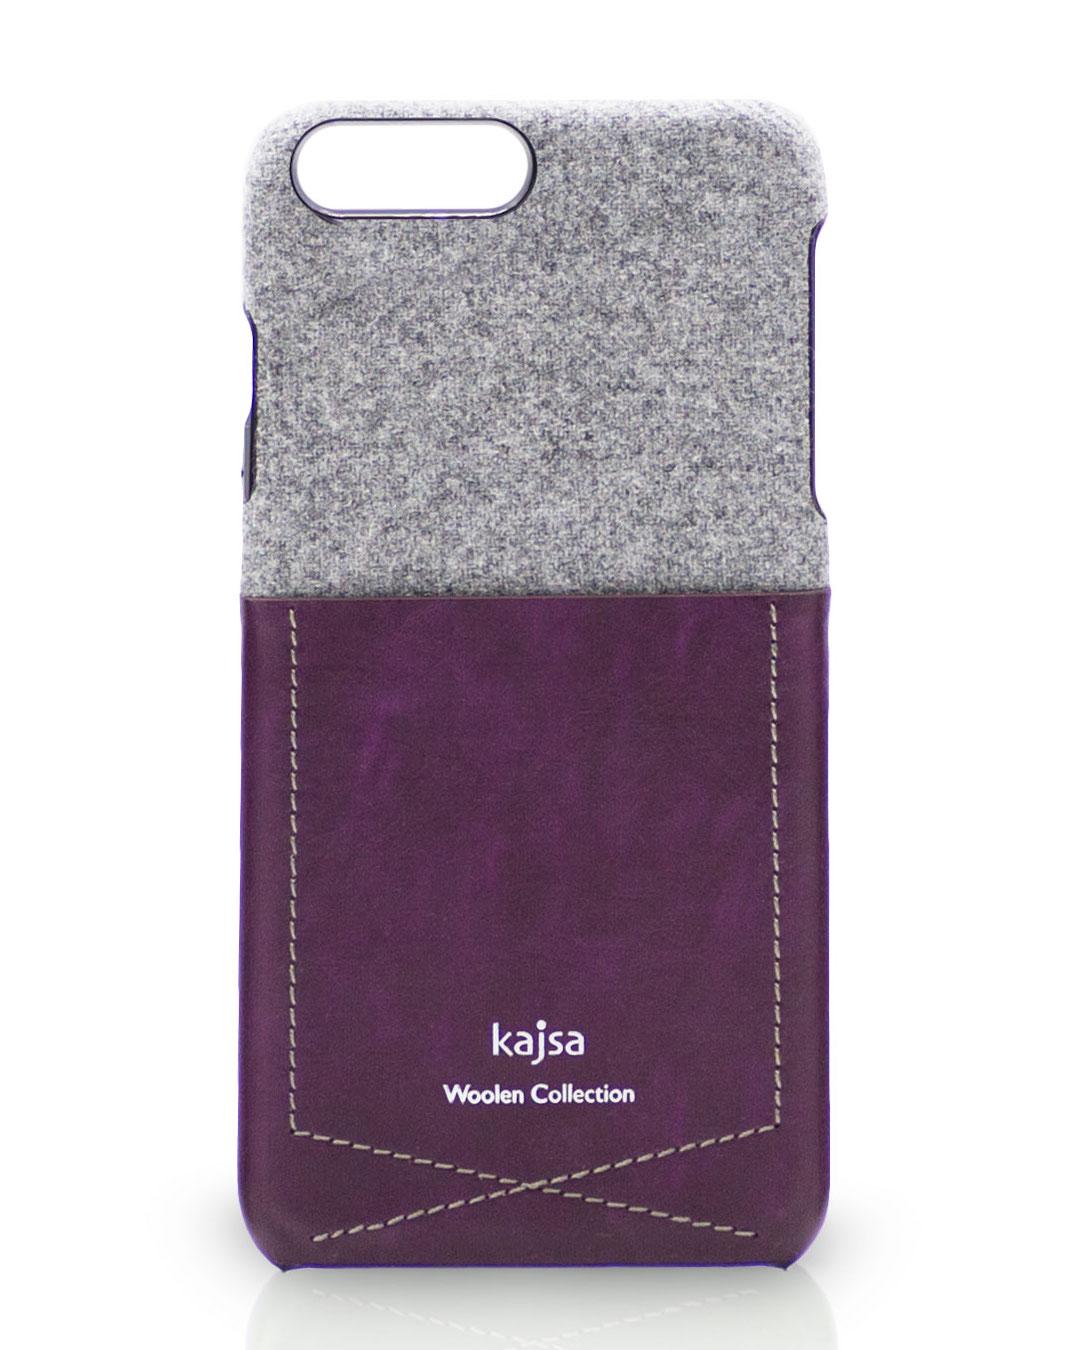 iPhone 8 Hülle aus Wolle und Leder